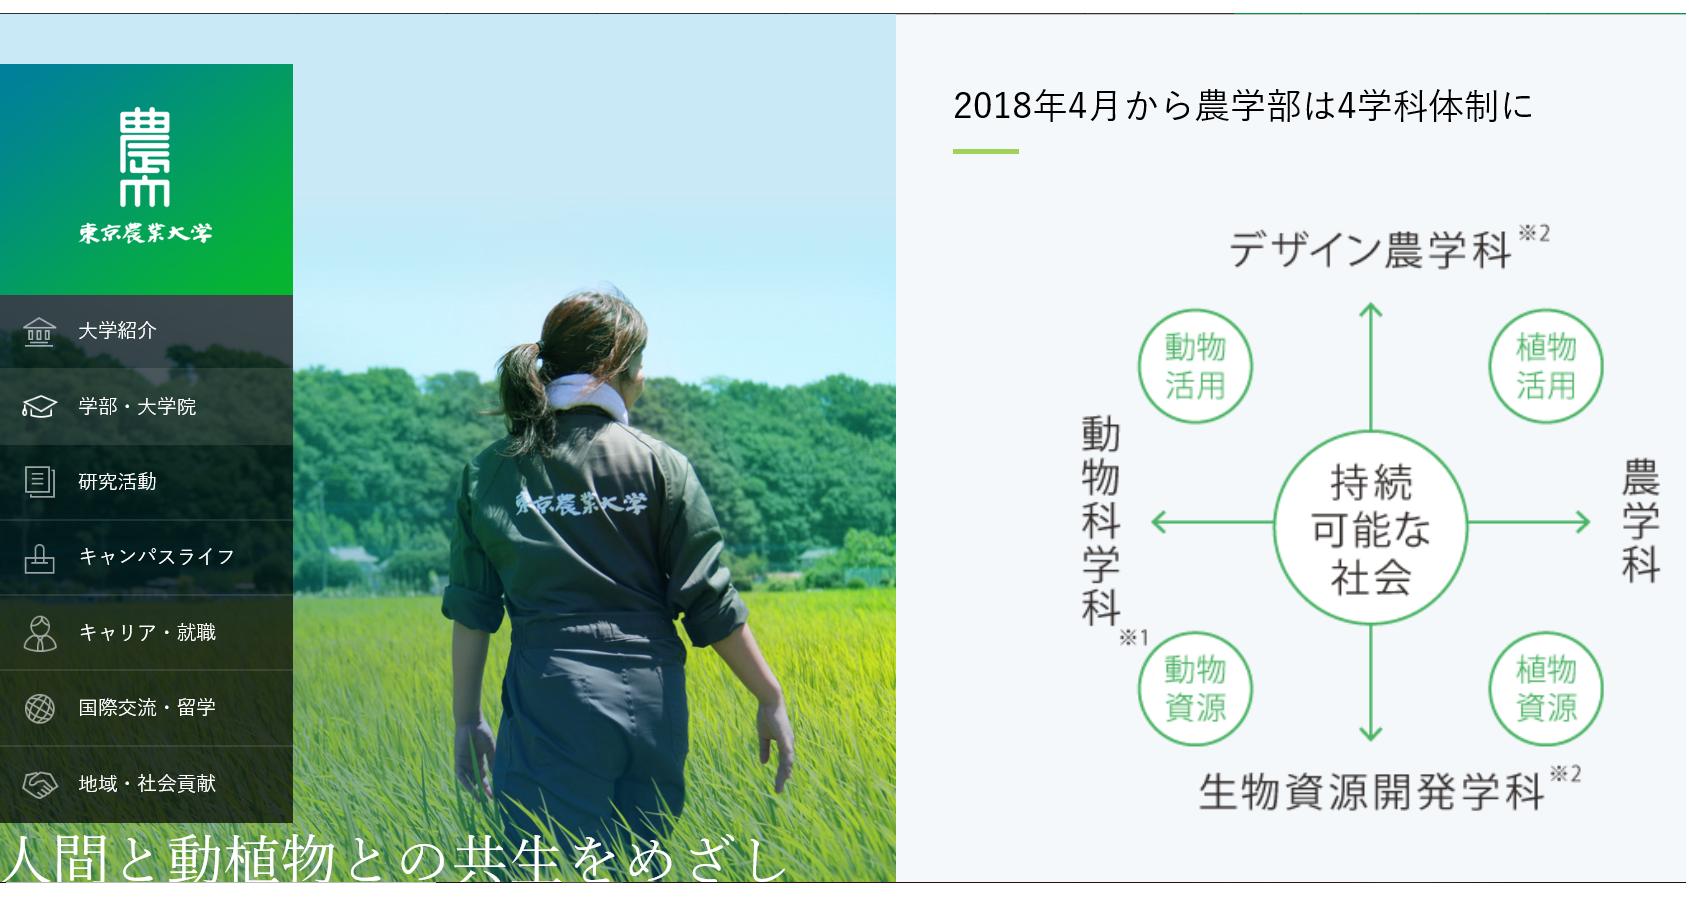 東京農業大学の評判・口コミ【農学部編】